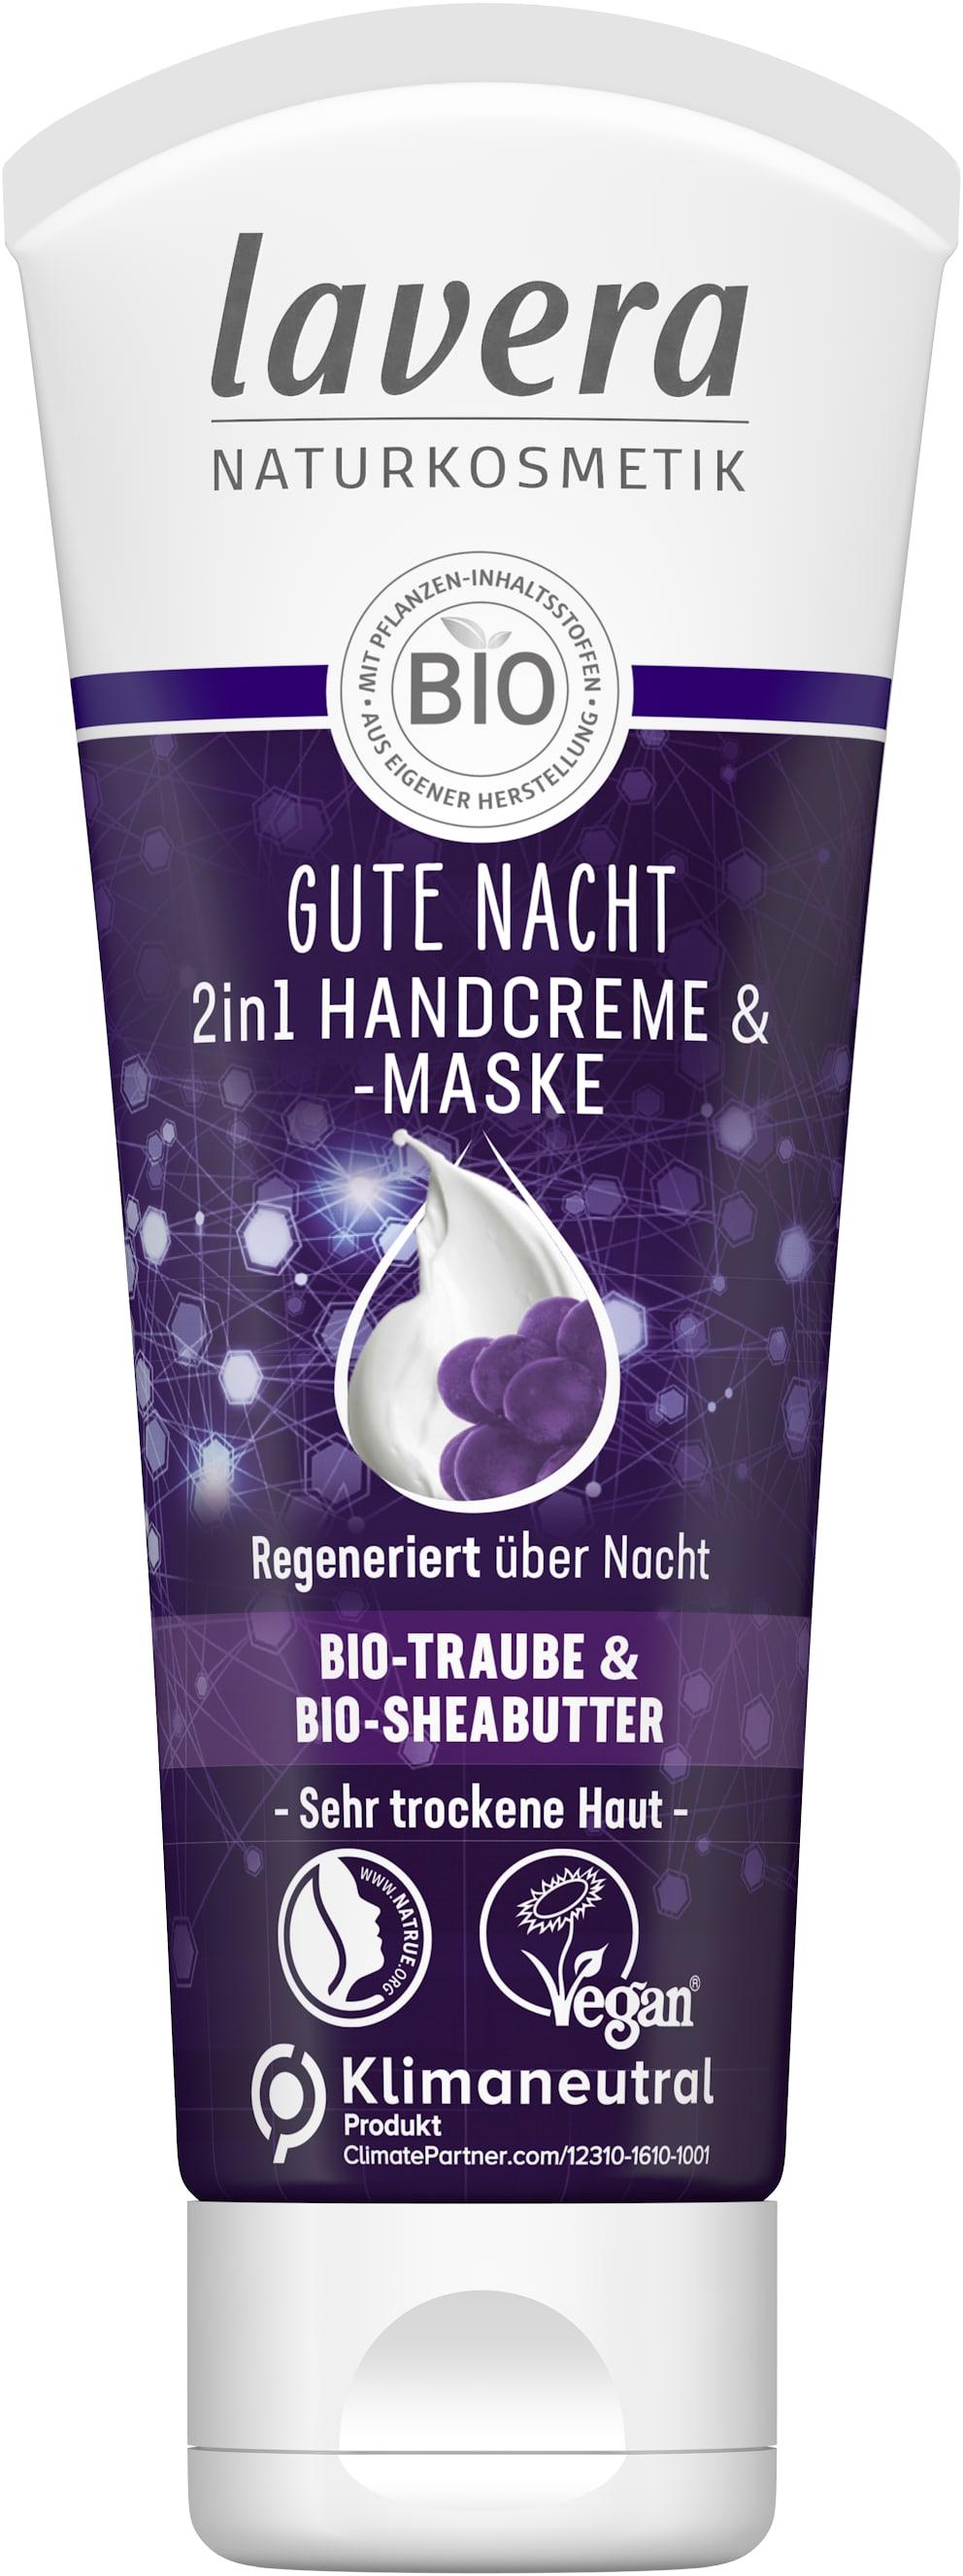 Gute Nacht 2in1 Handcreme & -maske